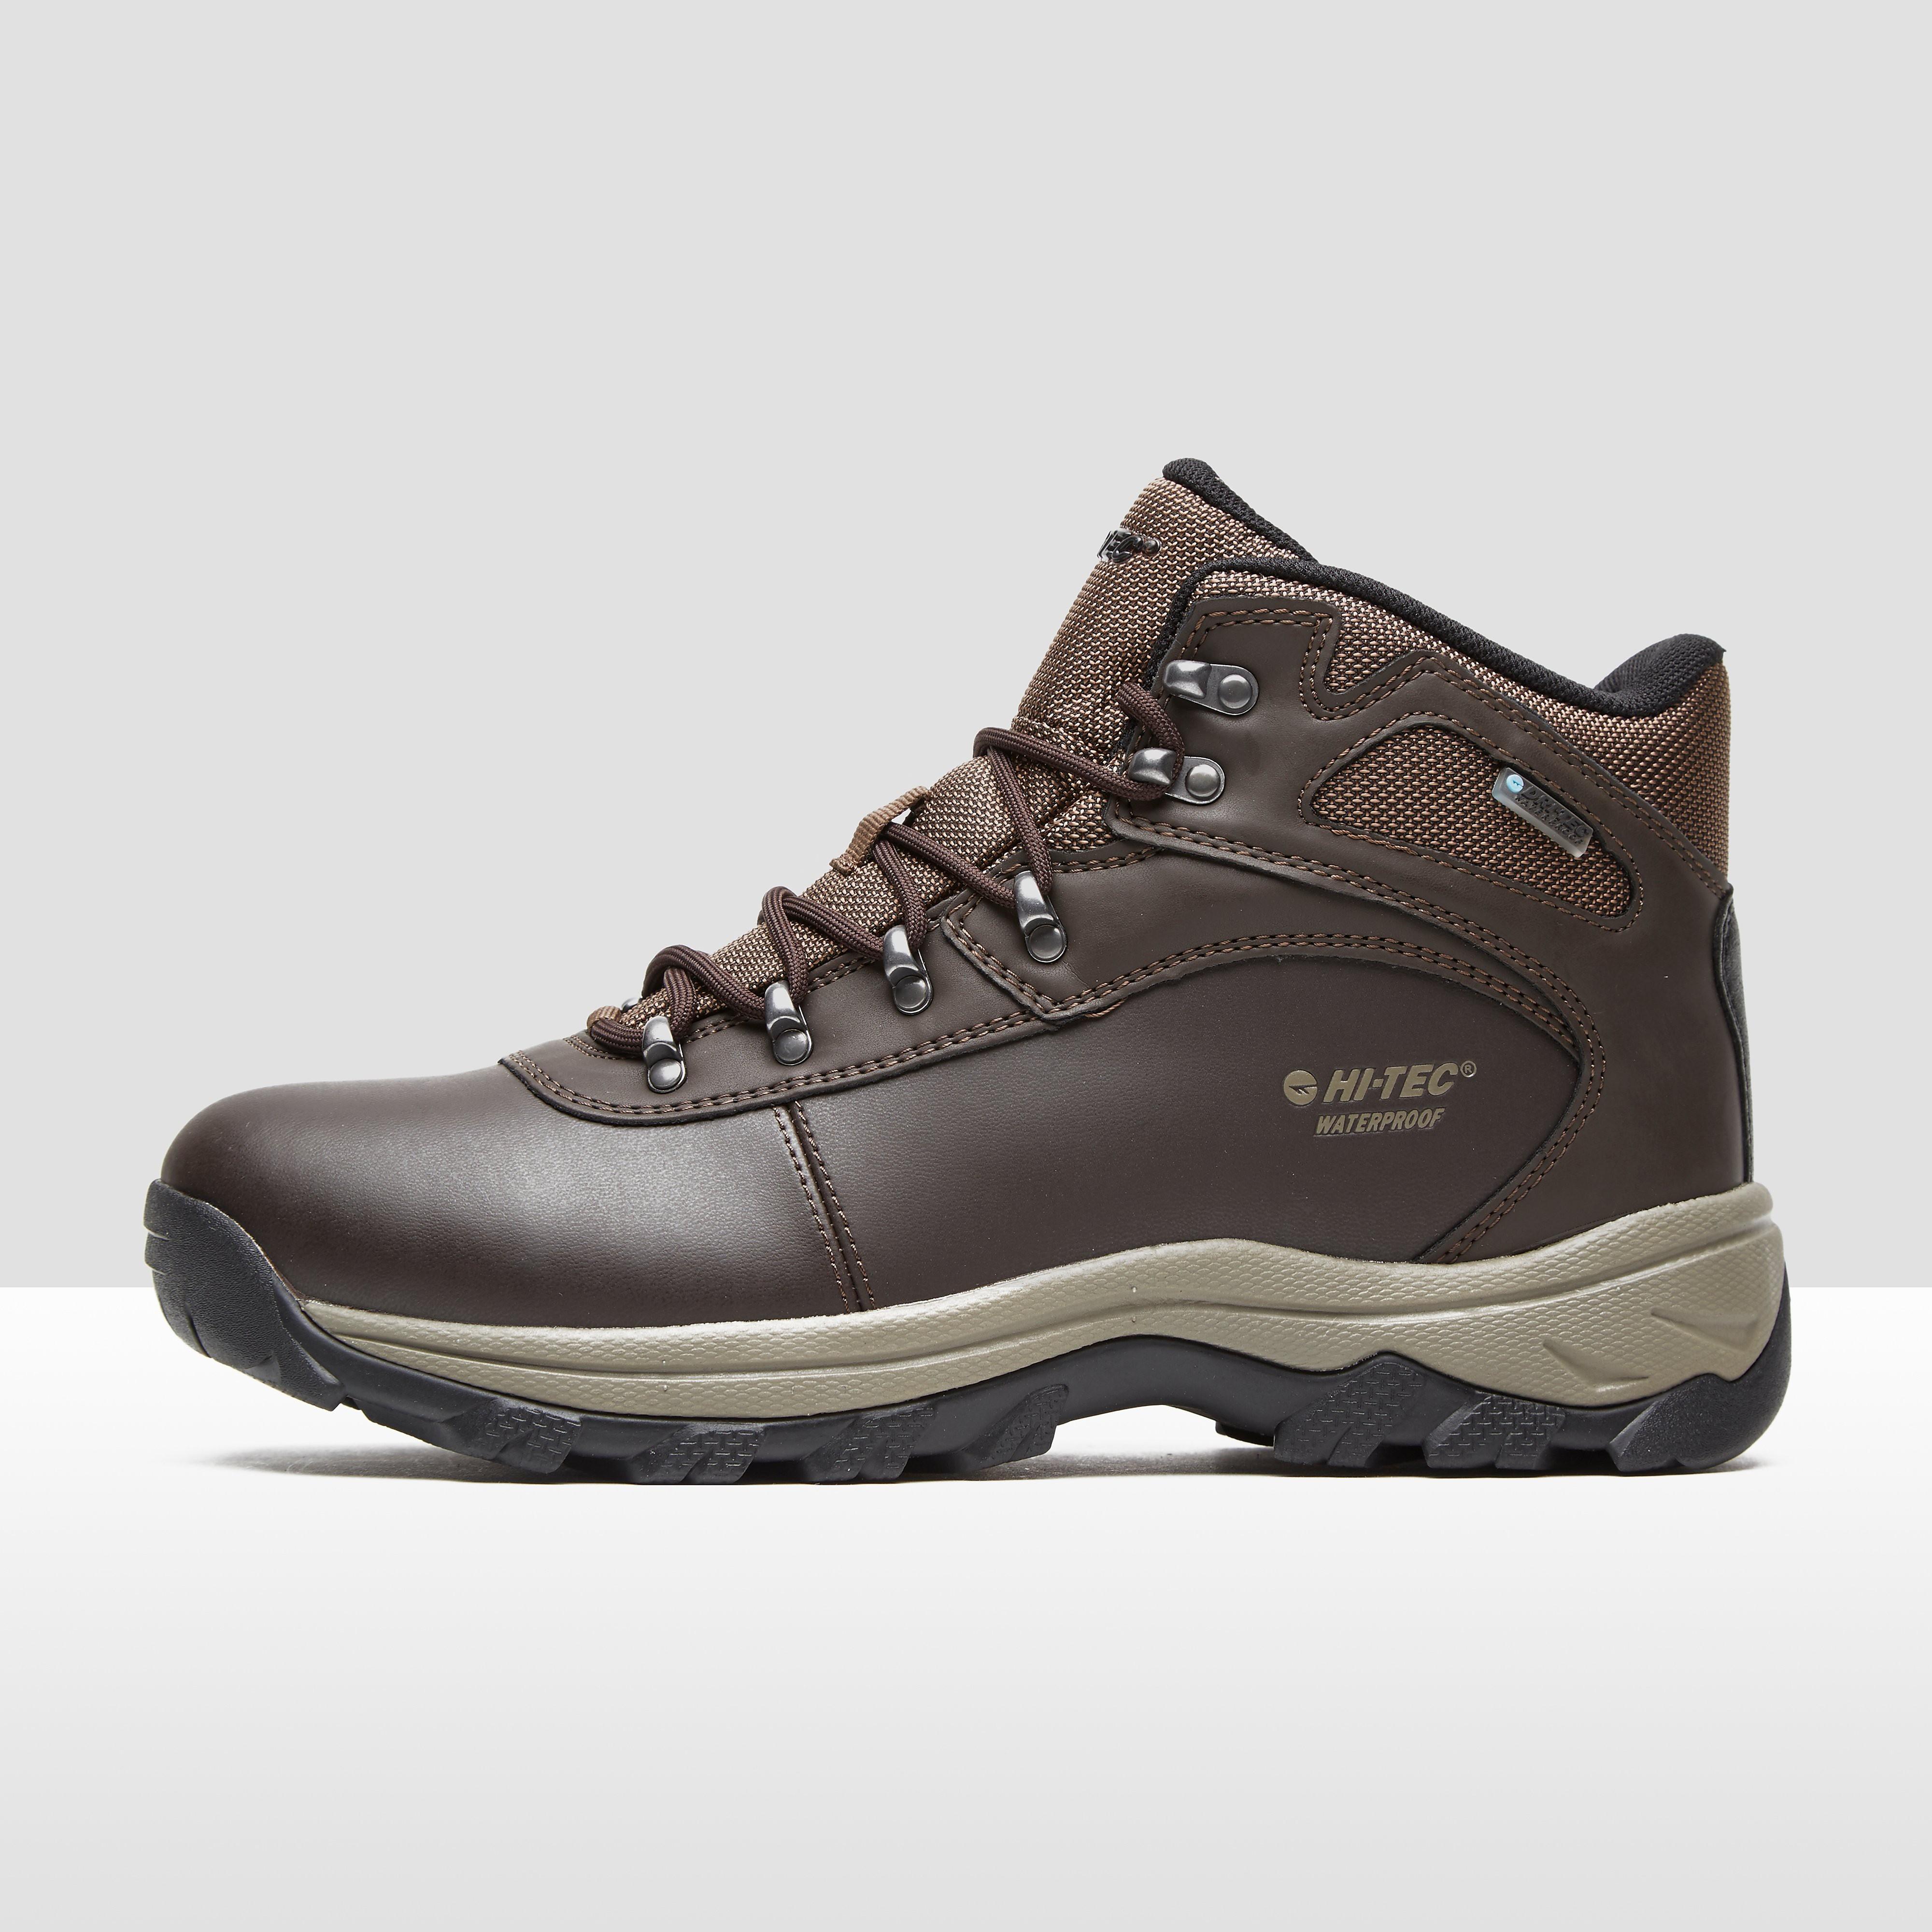 Hi Tec Altitude Basecamp Walking Boots